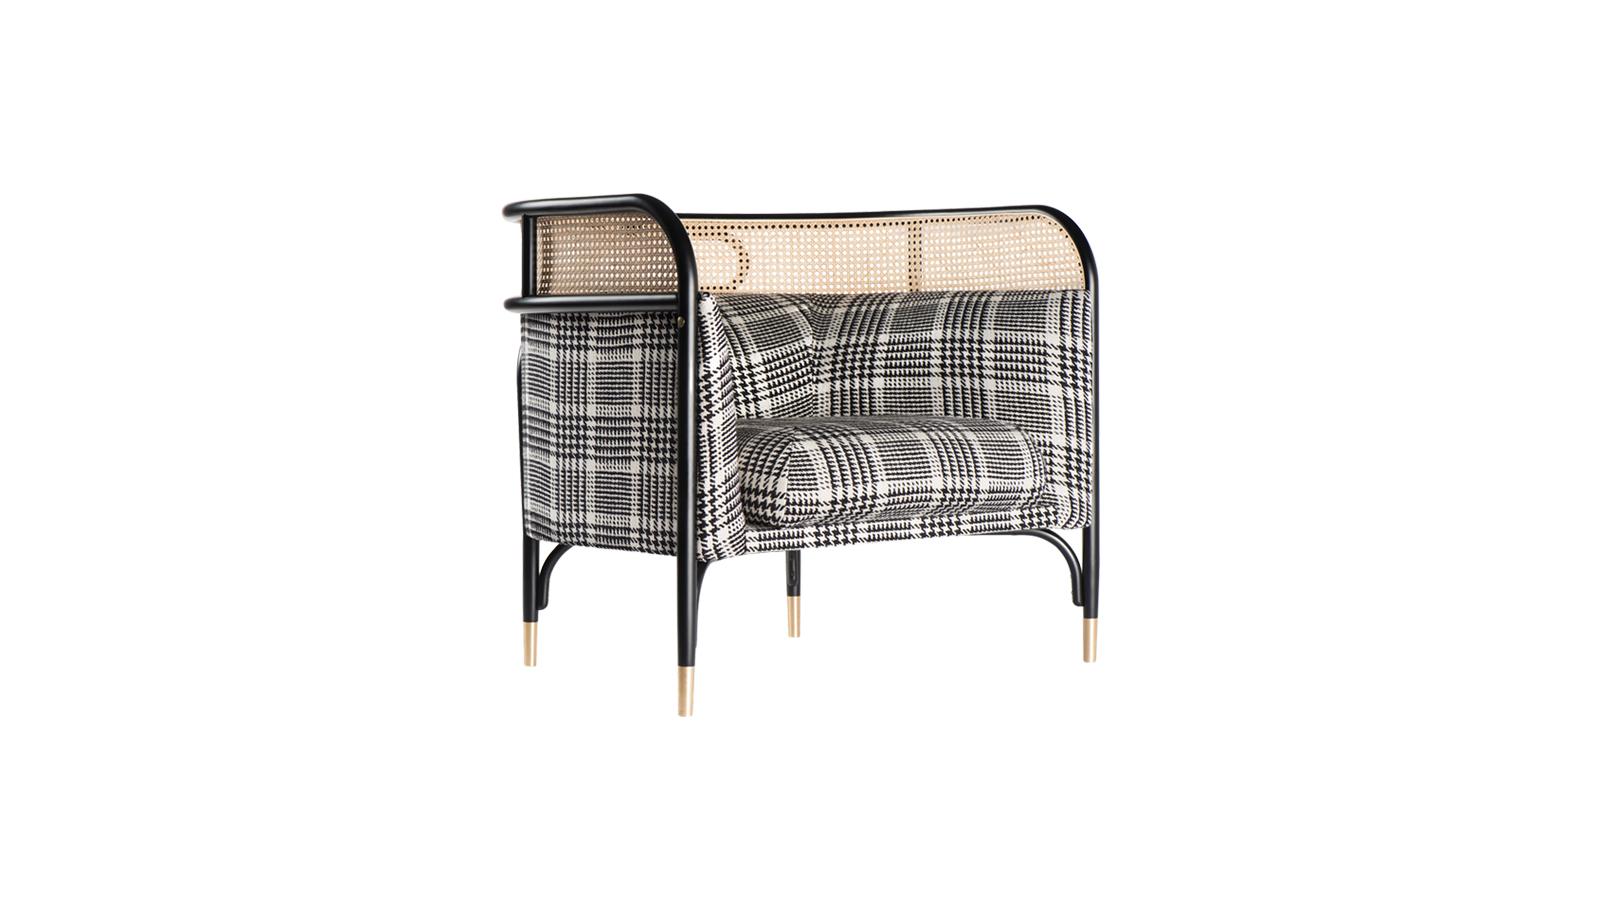 A Targa a kényelem egy új szintjét kínálja - a vastag és széles kárpitozott elemek már ránézésre is relaxáló hatásúak. Szervesen illeszkedik az otthon tereihez - legyen az hálószoba, nappali, vagy fürdőszoba. A hajlított bükkszerkezet, és a kárpitozott háttámla feletti szövött nádelem, valamint az ikonikus ellipszis hozzájárulnak ahhoz, hogy egy tradíciókat idéző, otthonos és könnyű bútor jöhessen létre.